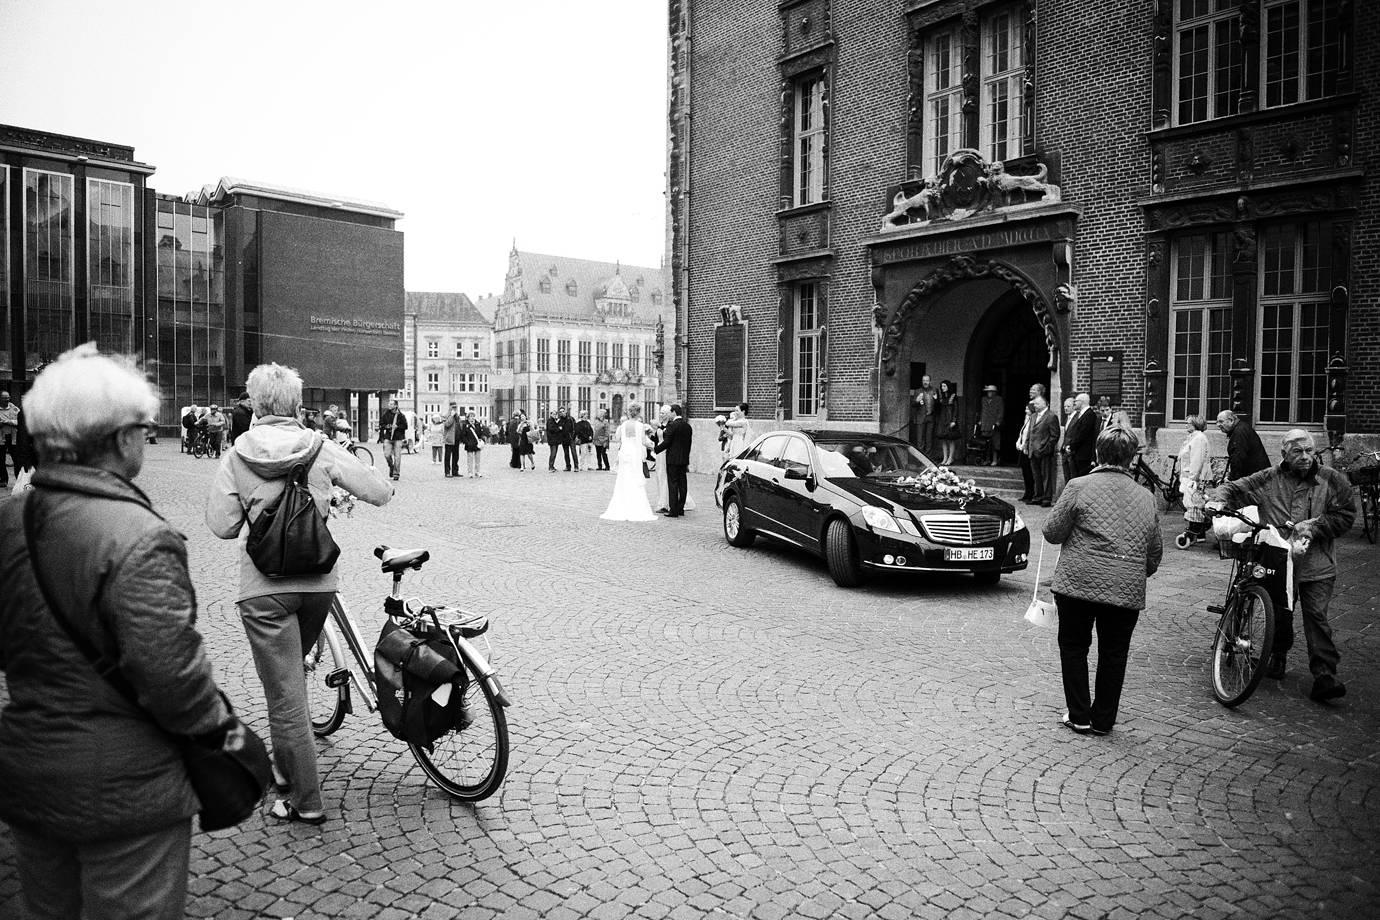 hochzeitsfotograf bremer rathaus 017 - Christine+Rico